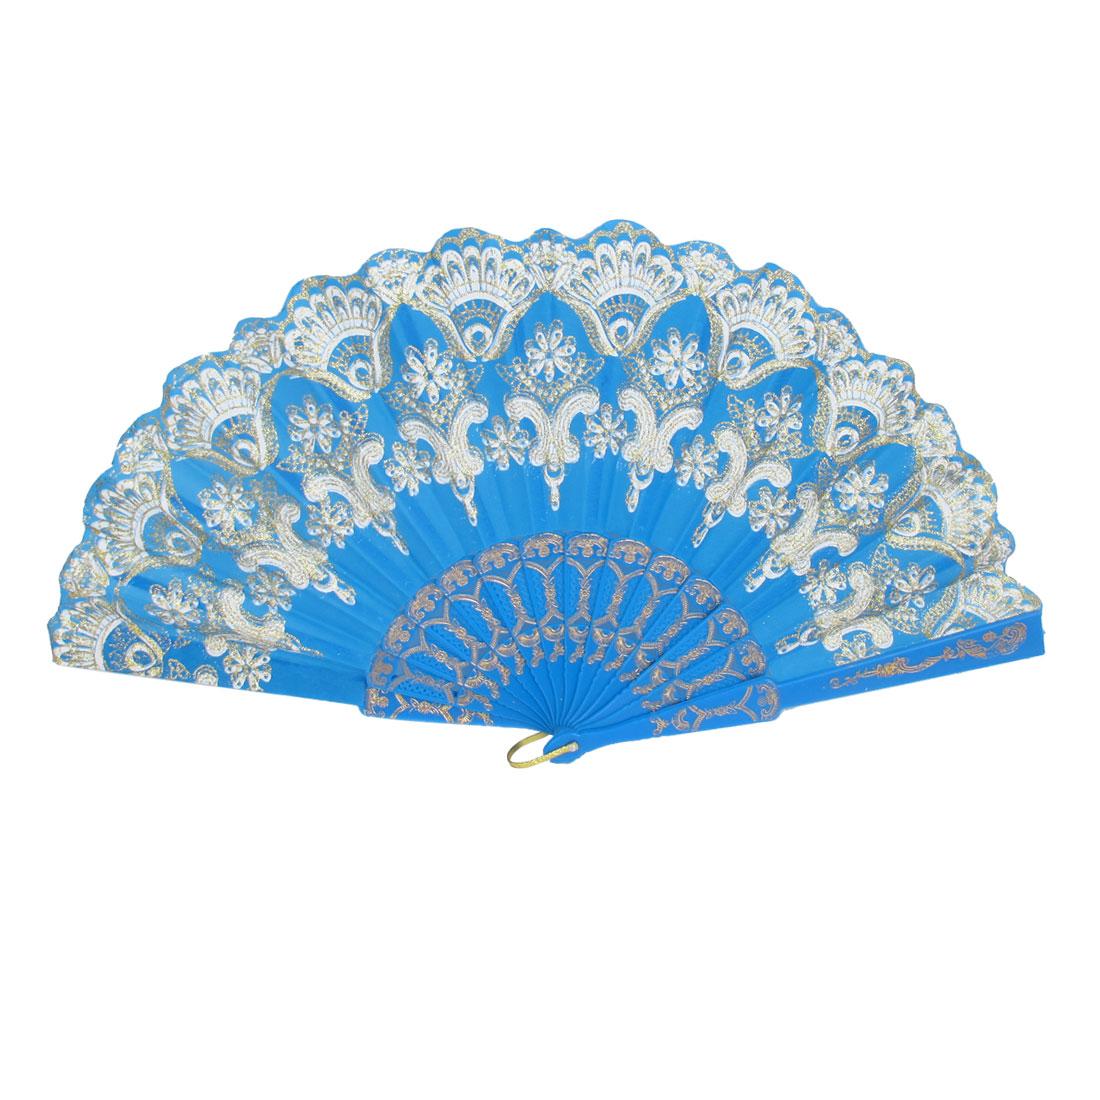 Blue Plastic Ribs Flower Pattern Powder Detail Dancing Folding Hand Fan